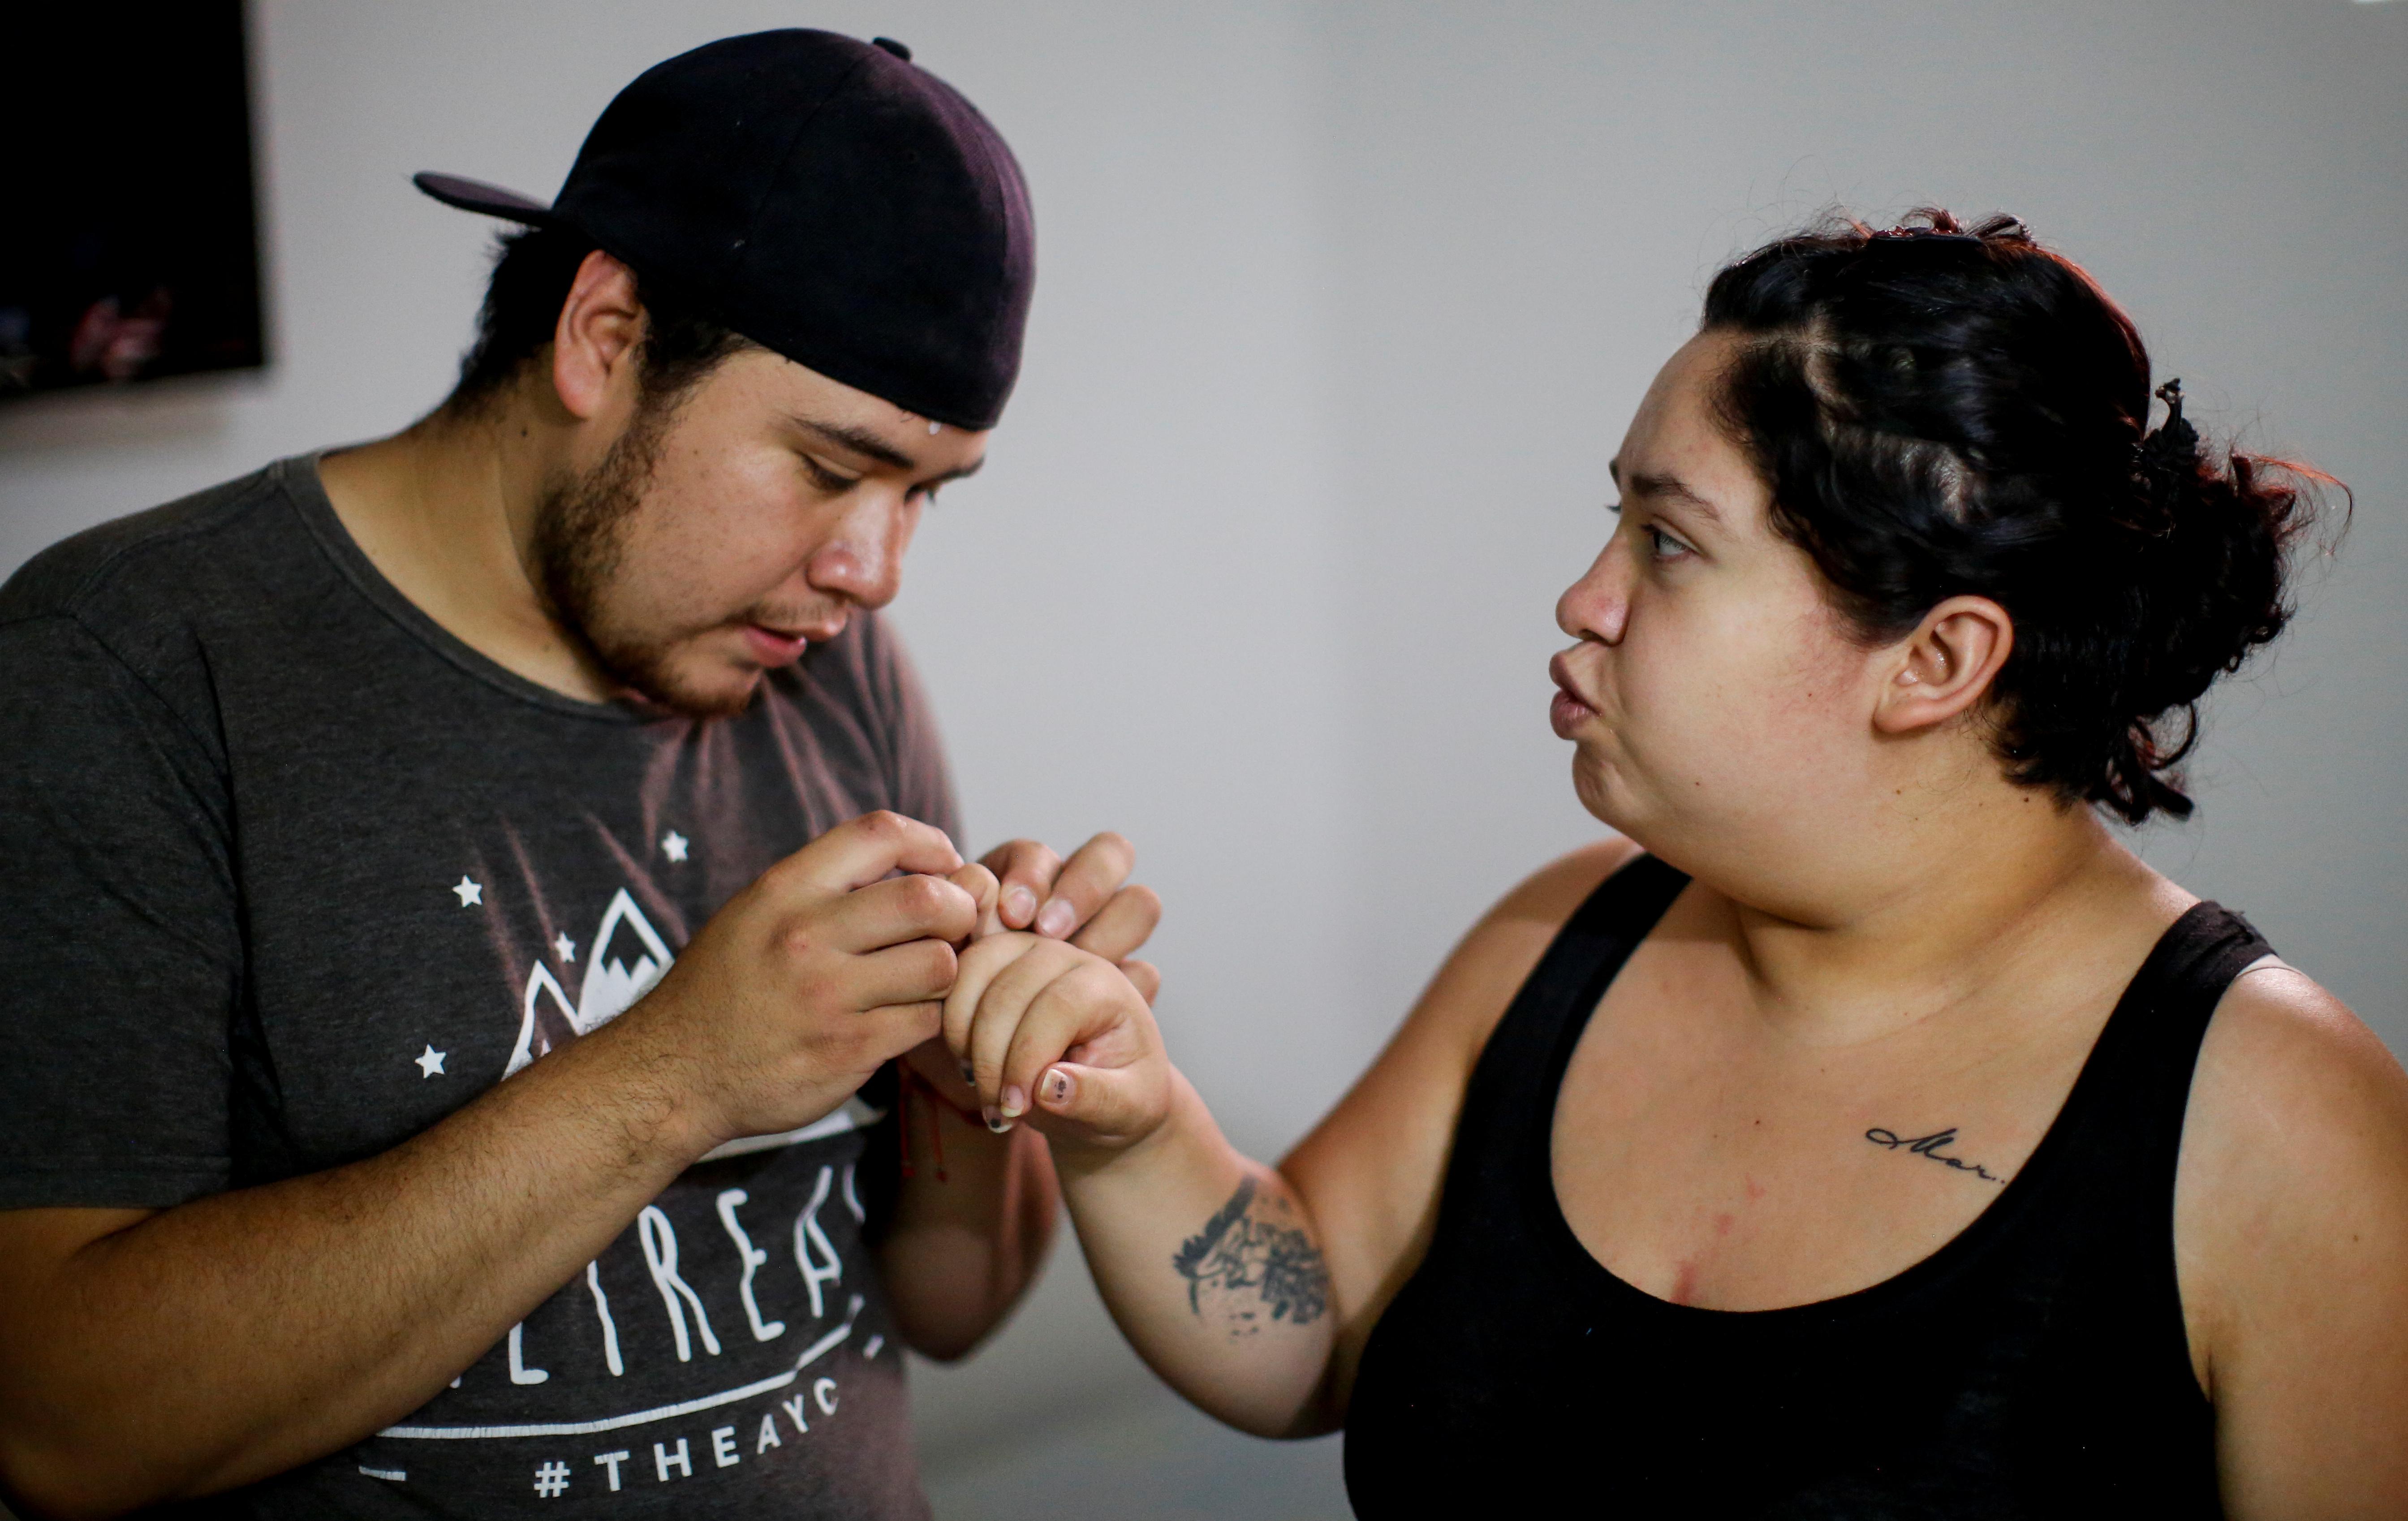 Karla López Range muestra una picadura de mosquito en su dedo a su esposo Miguel Flores Torres, en su casa en Xochimilco, Ciudad de México, México, junio 17, 2020. Foto: REUTERS / Gustavo Graf.